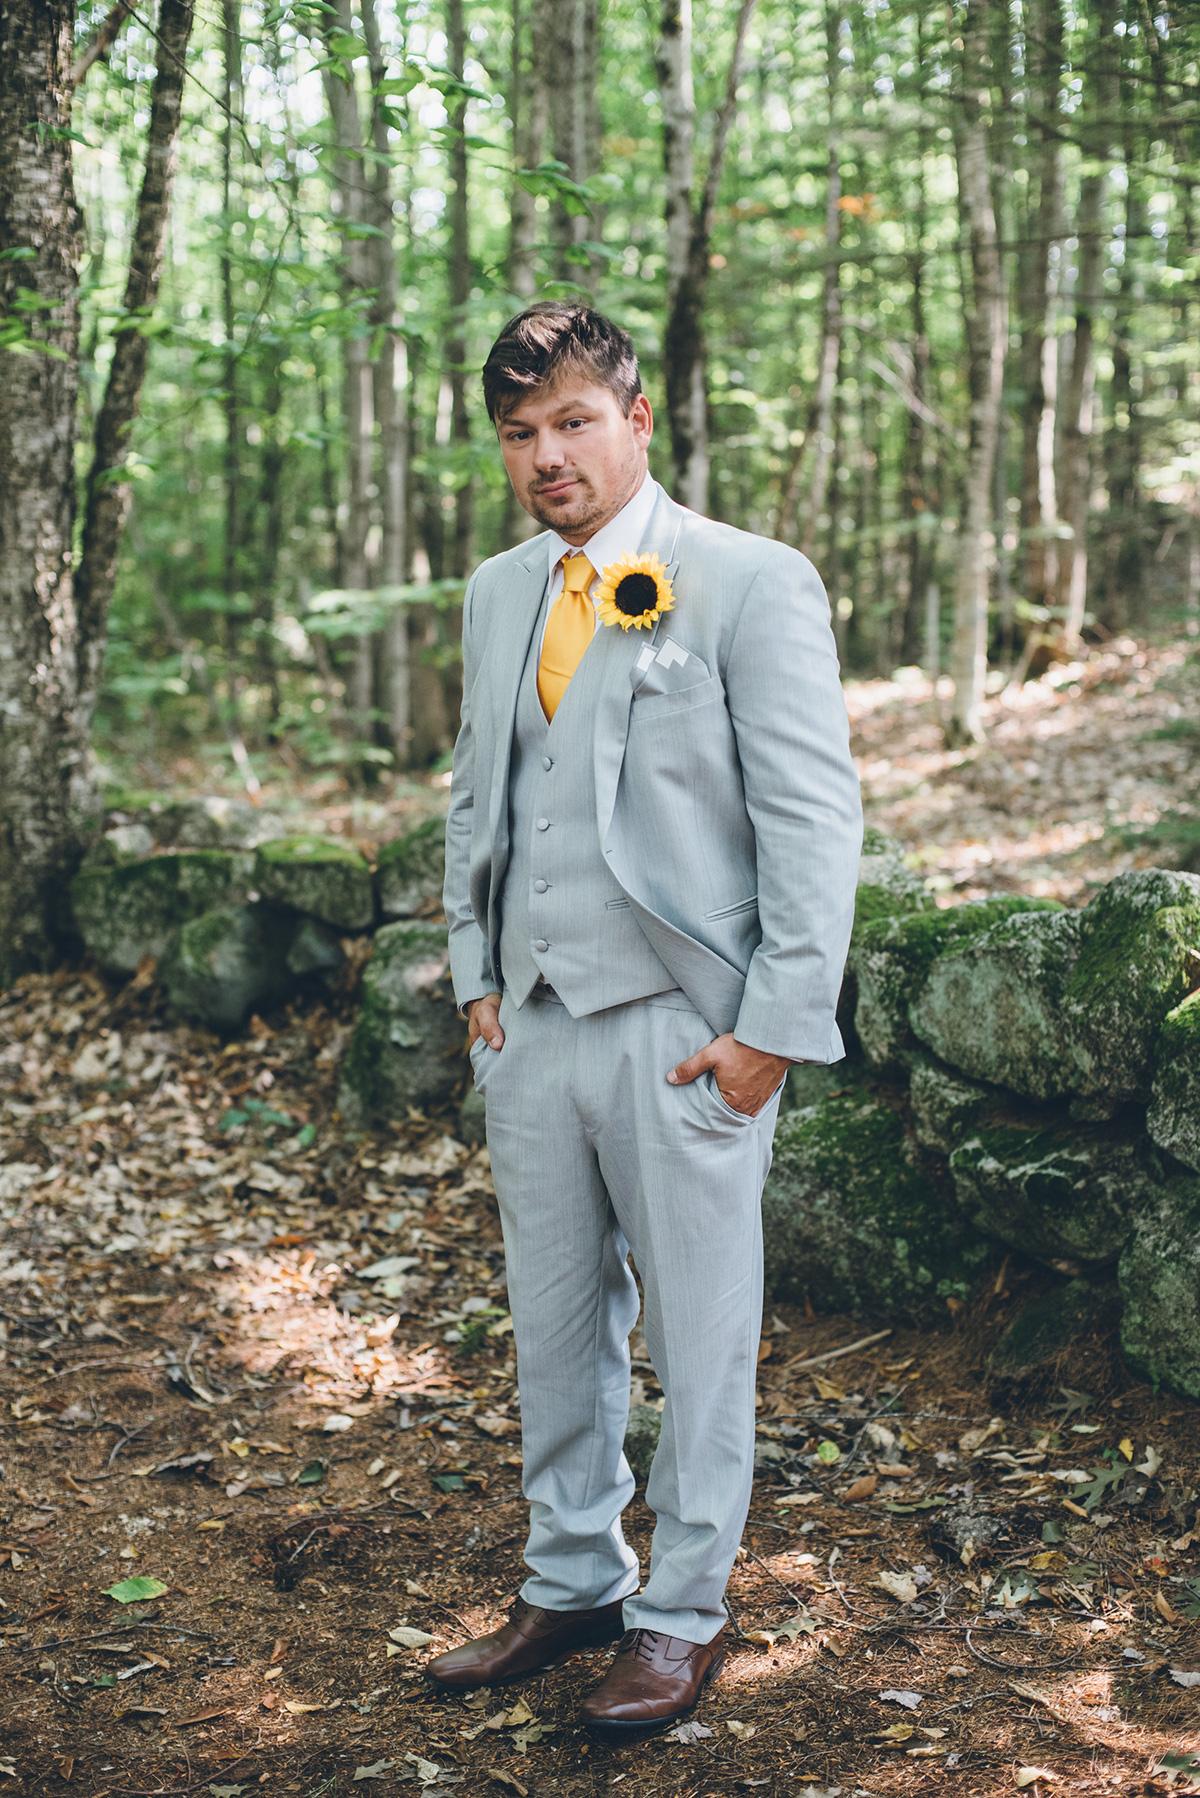 Tuxedo, suit, or something else? | Weddings, Wedding Attire ...